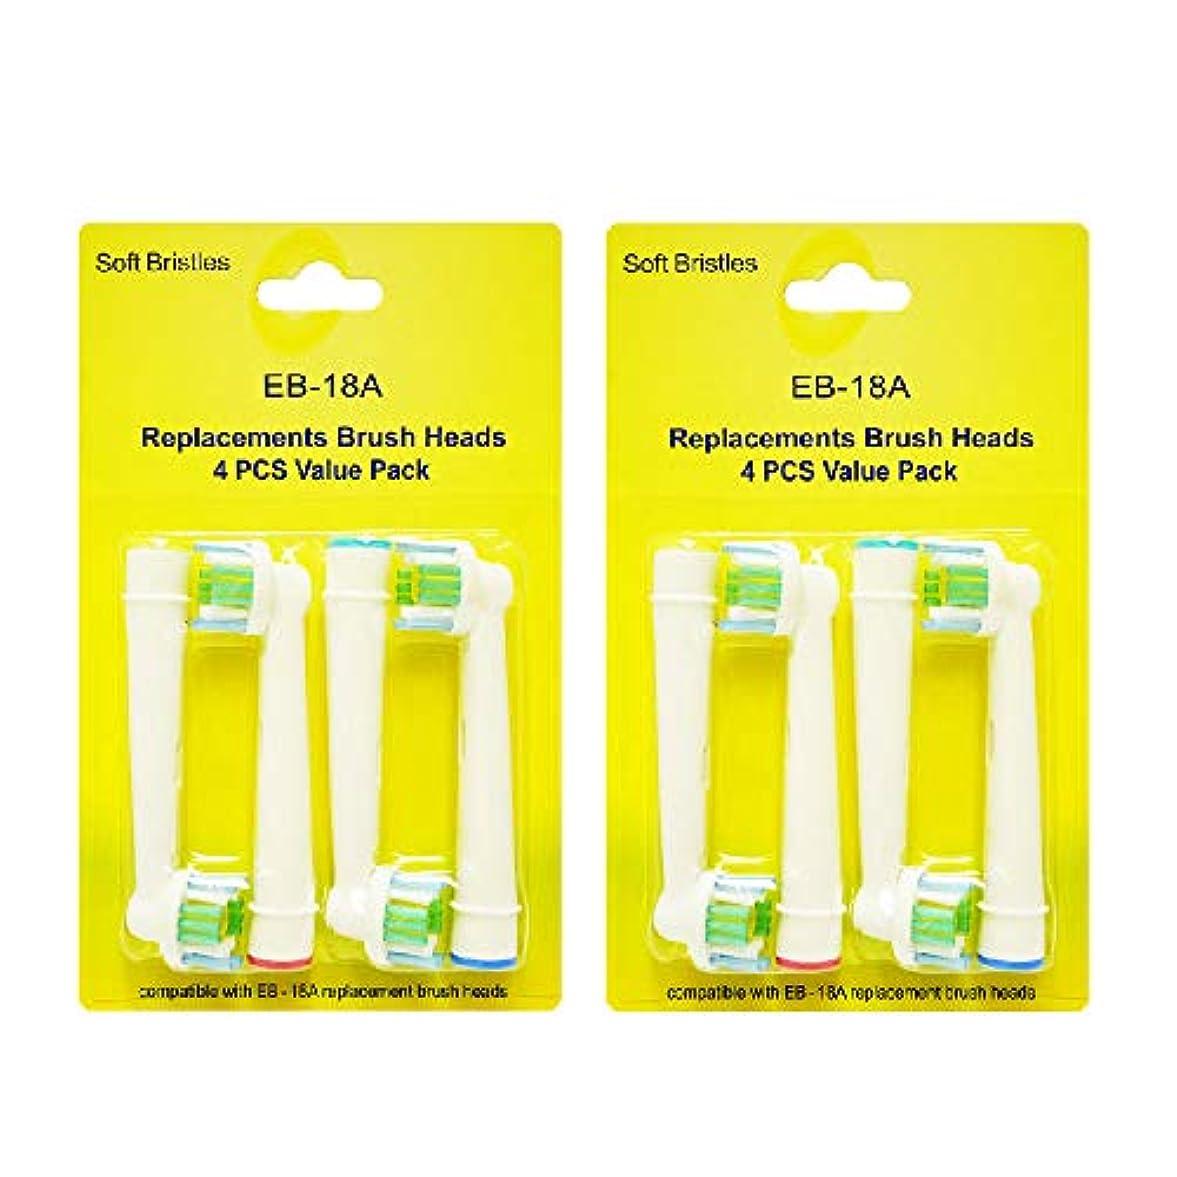 ブラウン BRAUN オーラルB 対応 ホワイトニングブラシ 互換 ブラシ 相当品 歯ブラシ 互換ブラシ (2セット合計8本(4本1セット×2)) アーモロート(amaurot) eb18 eb-18